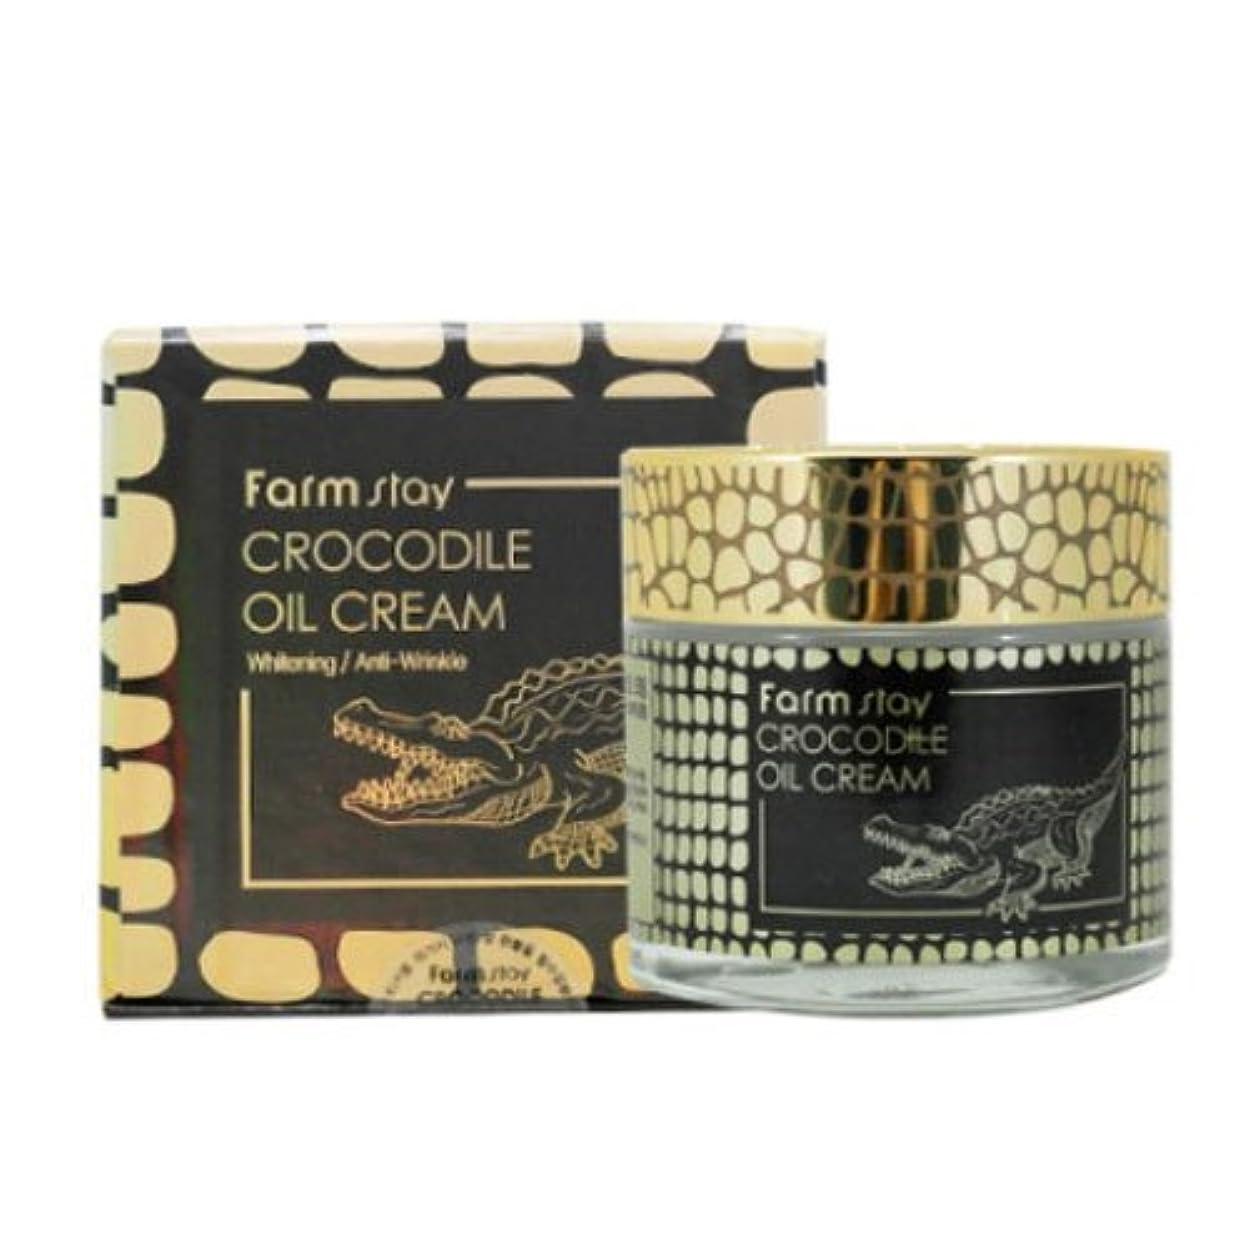 技術者するオーストラリアファームステイ[韓国コスメFarm Stay]Crocodile Oil Cream ワニオイルクリーム70g しわ管理 美白[並行輸入品]